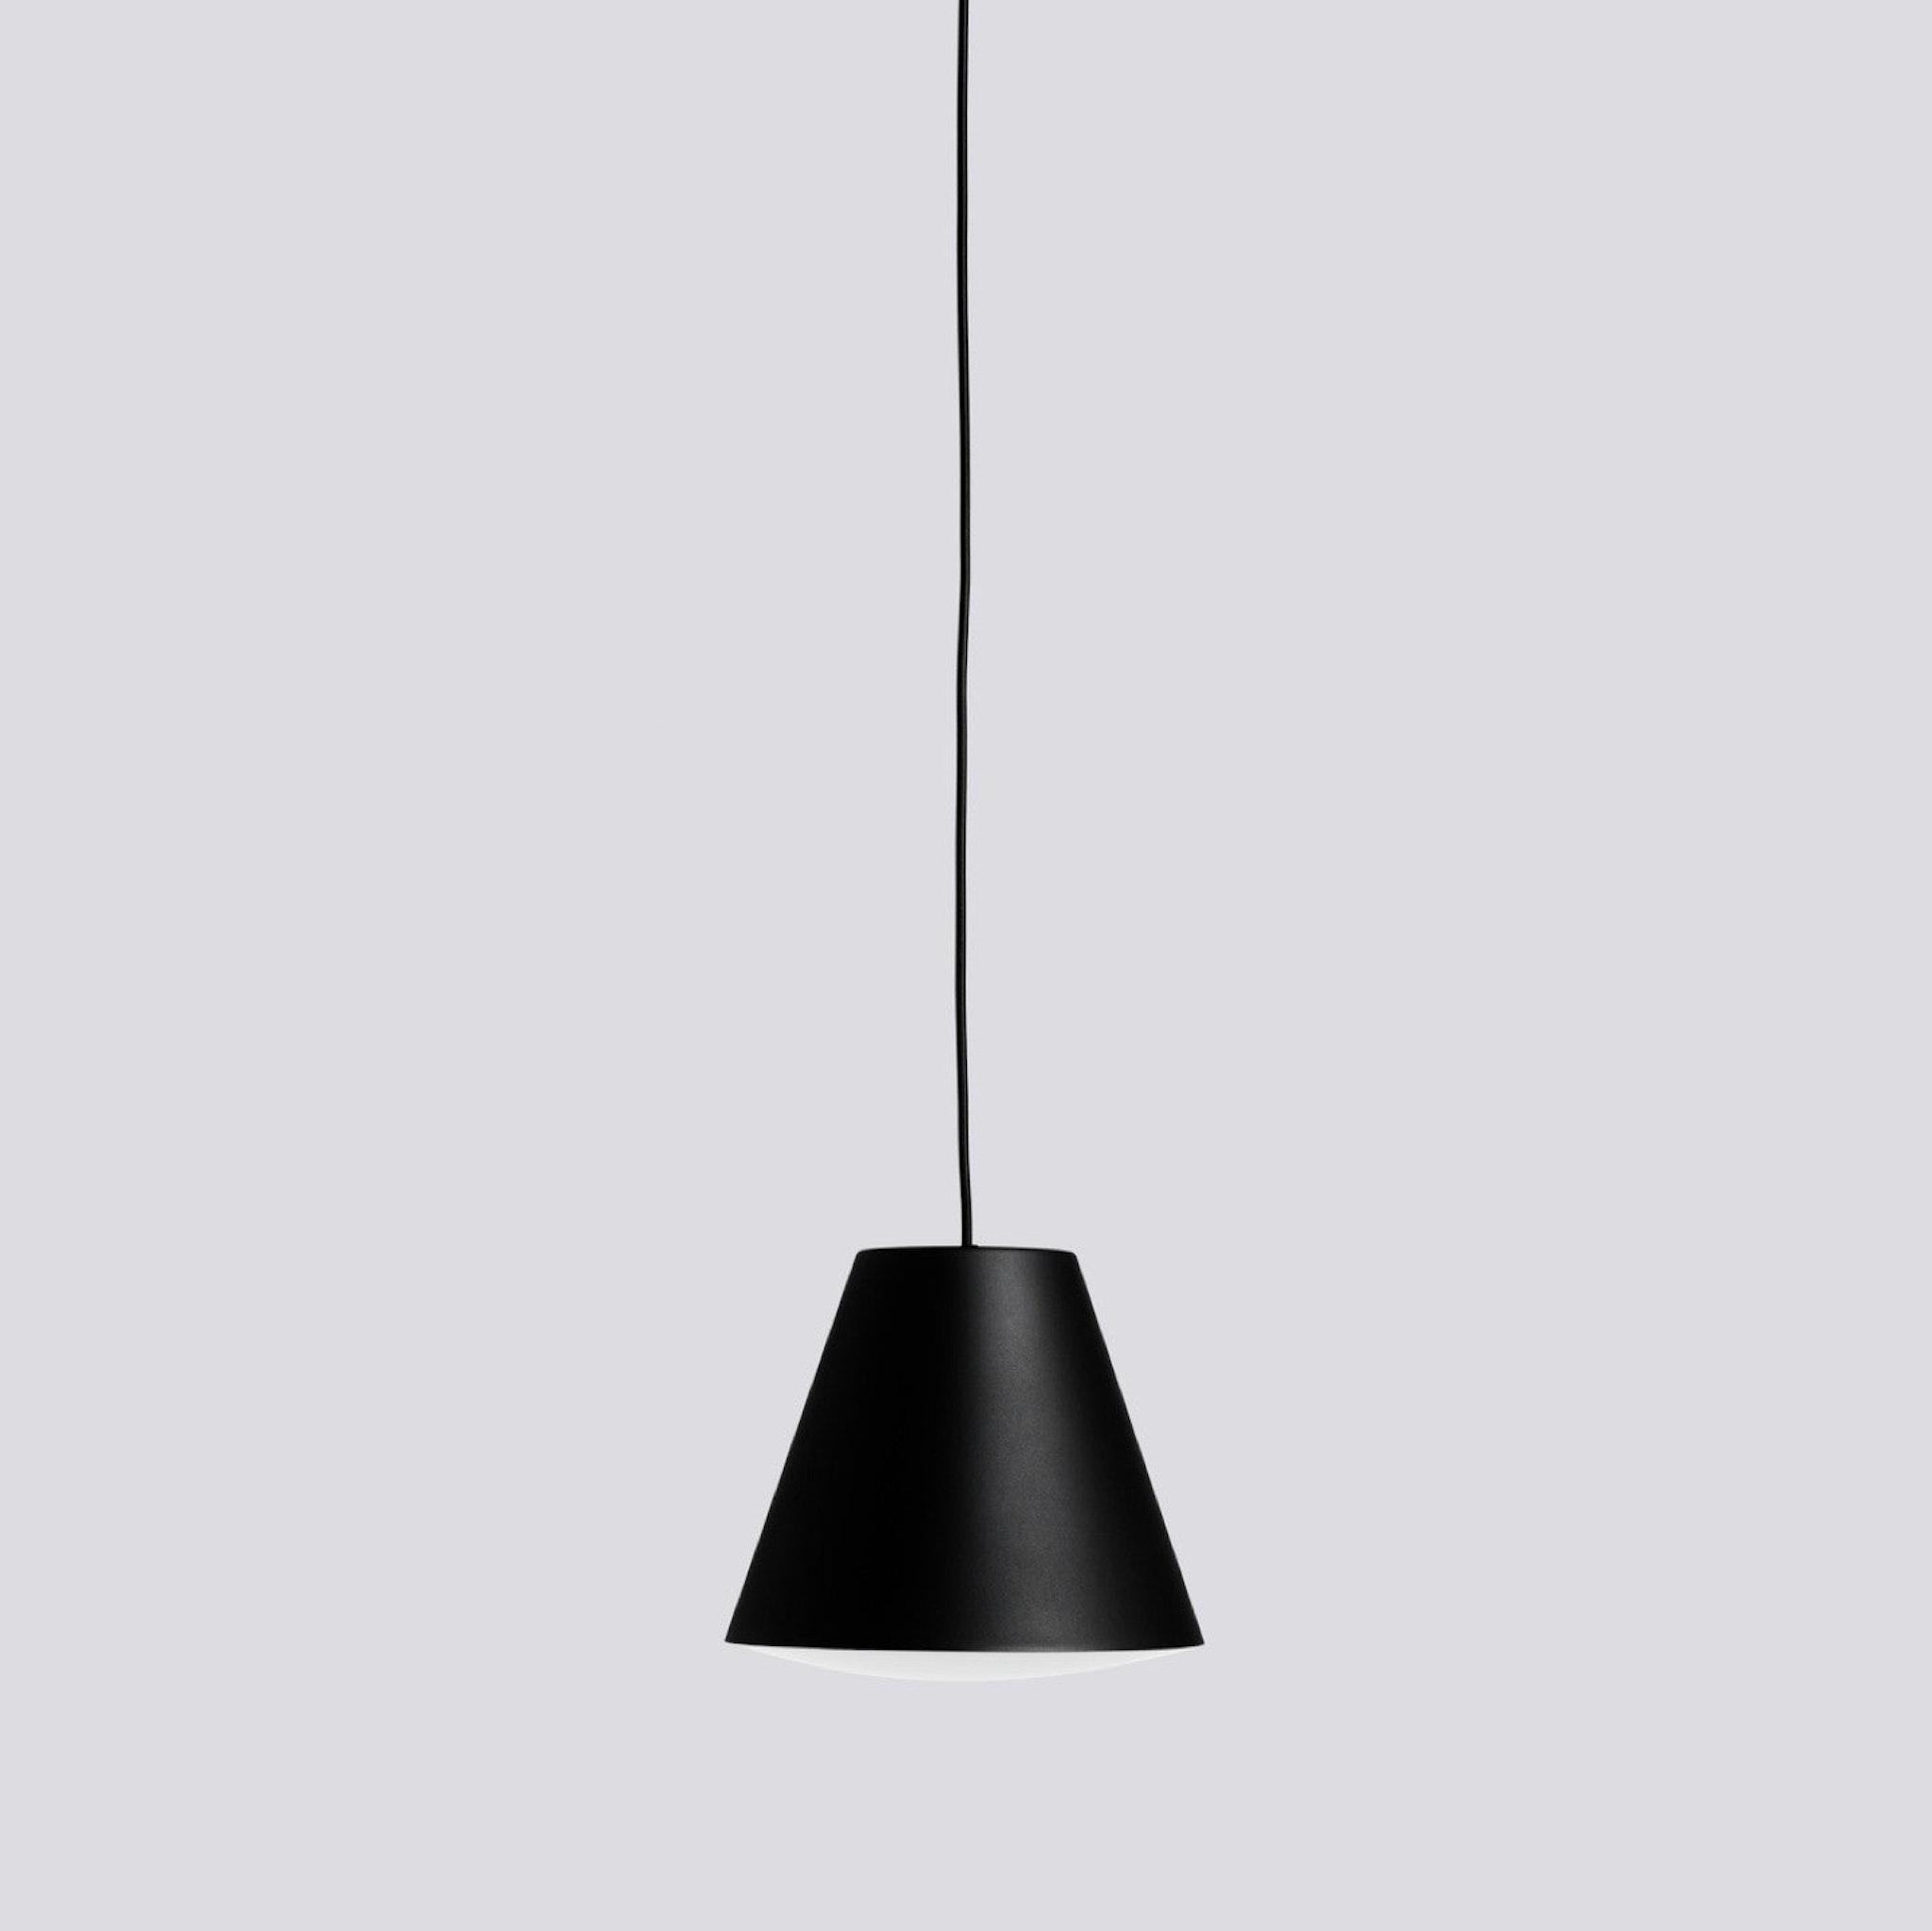 Sinker Pendant Light By Sebastian Wrong HausR